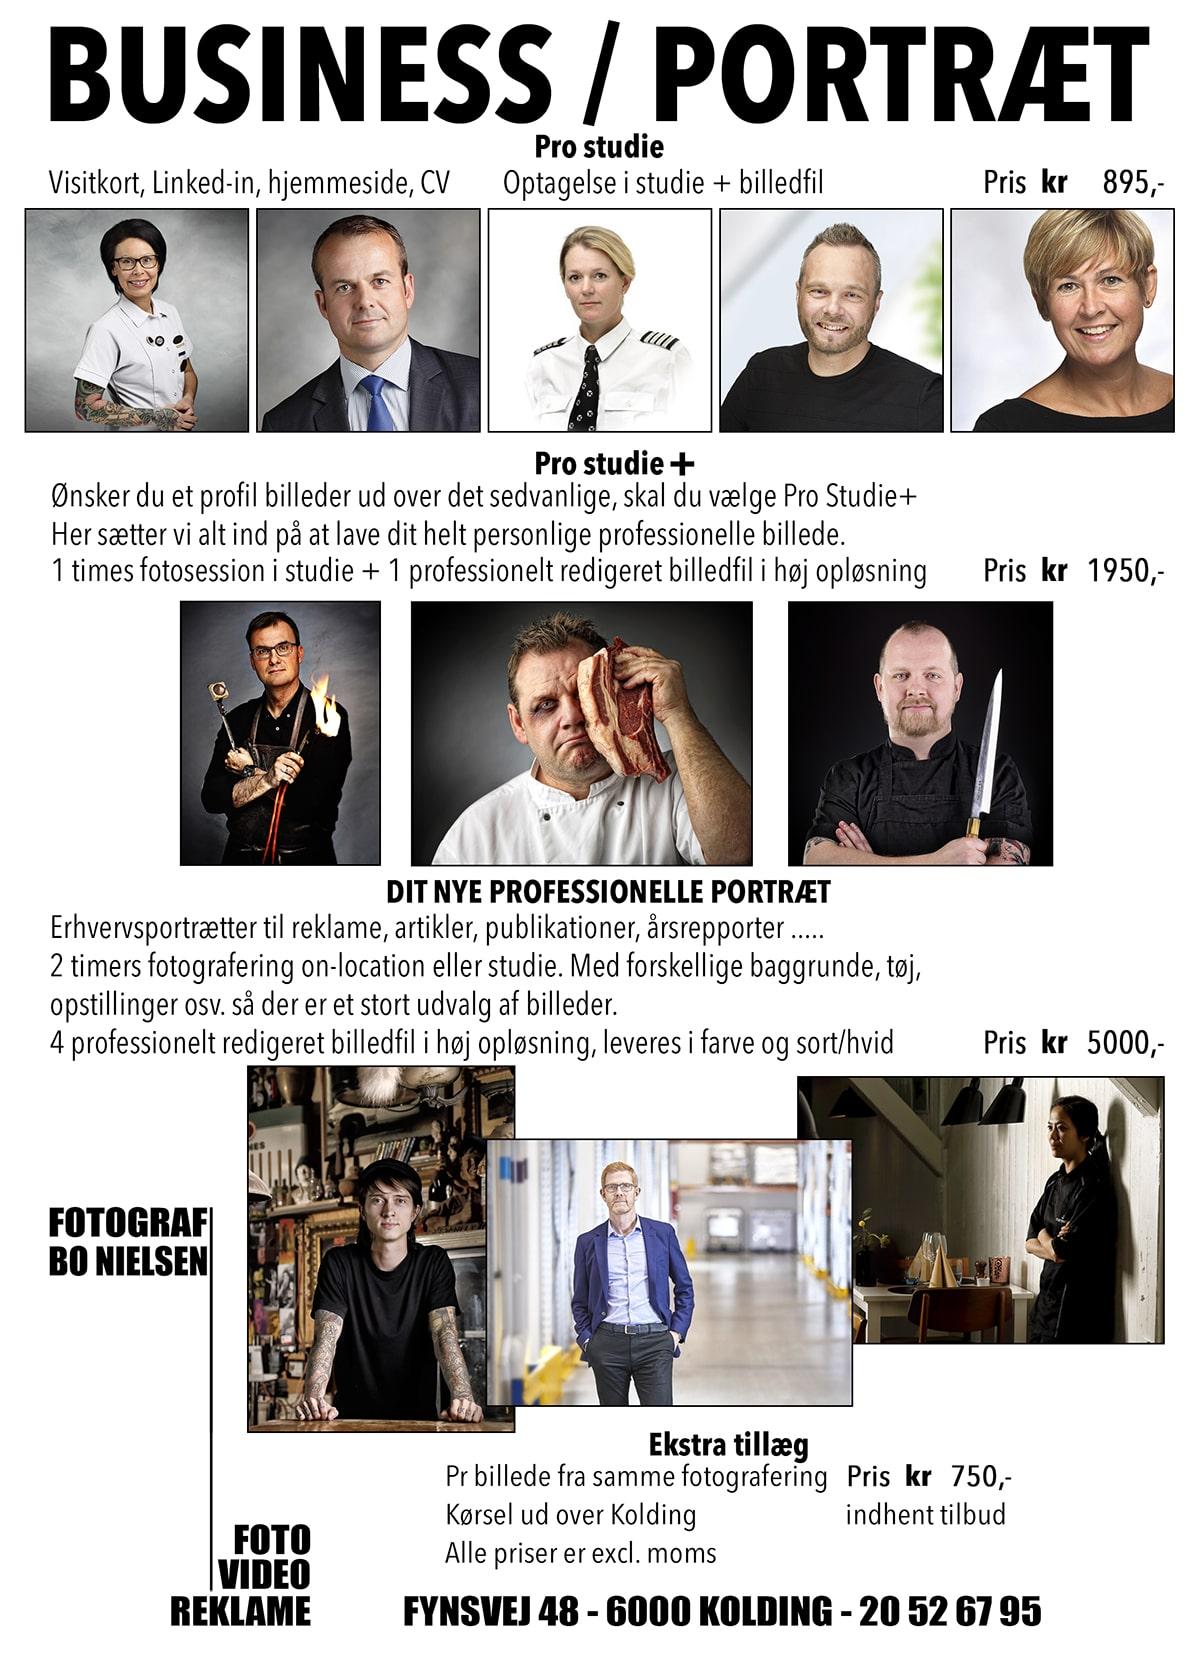 profil billeder til LinkedIn og hjemmeside, Business portrætter til erhvervslivet Fotograf Bo Nielsen